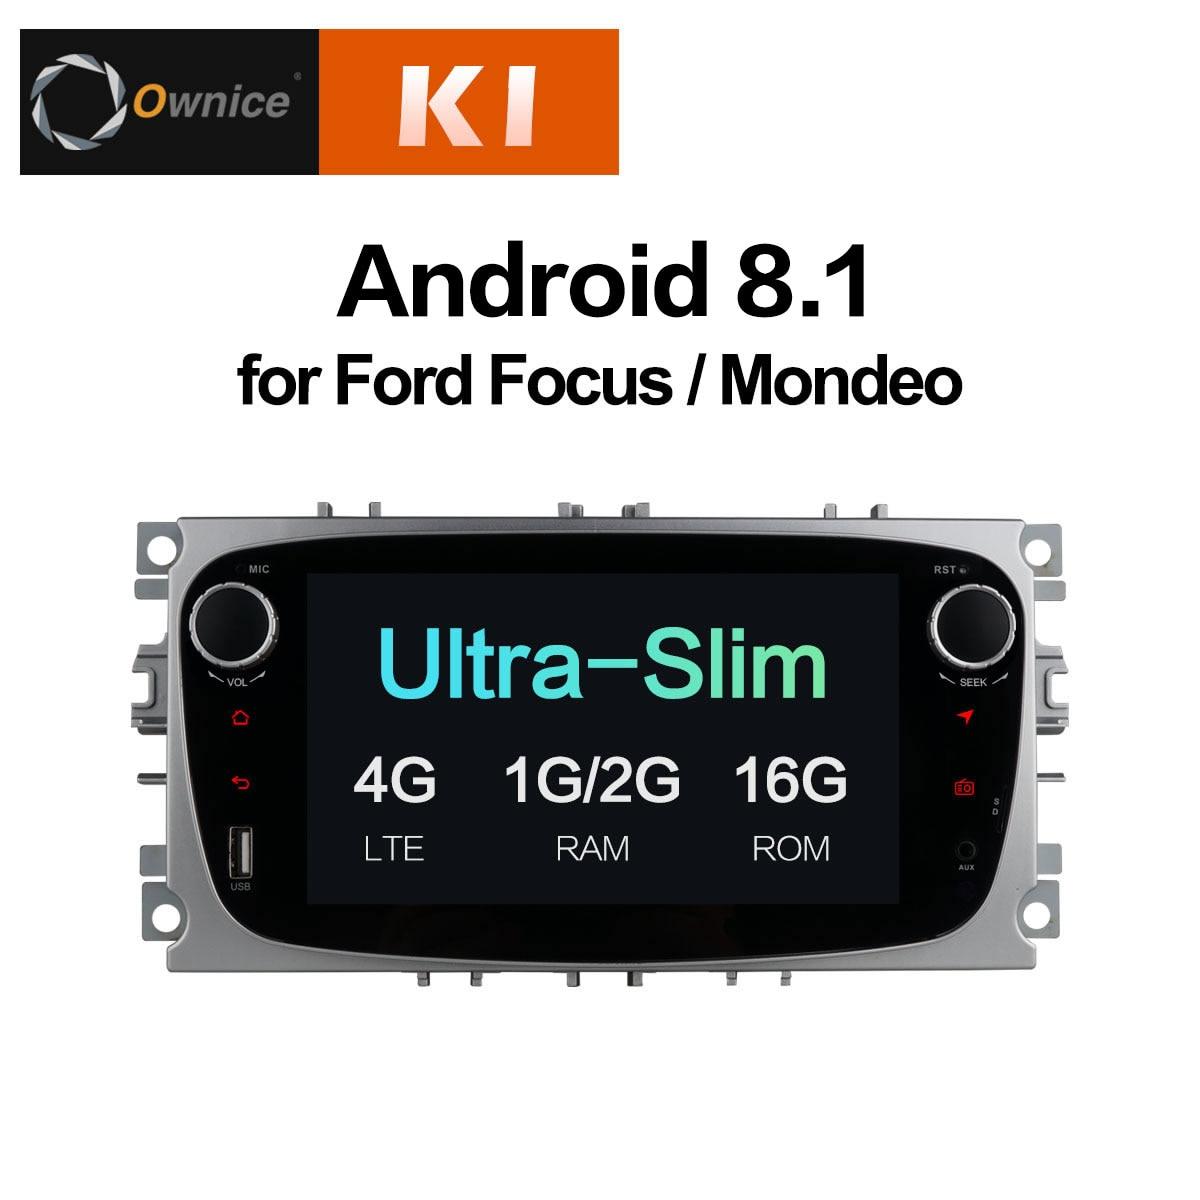 Ownice K1 Android 8.1 Jogador Do Carro DVD GPS Navi para Ford Focus Mondeo Galaxy Kuga com 2g RAM 16g ROM Unidade de Cabeça Estéreo 4g LTE